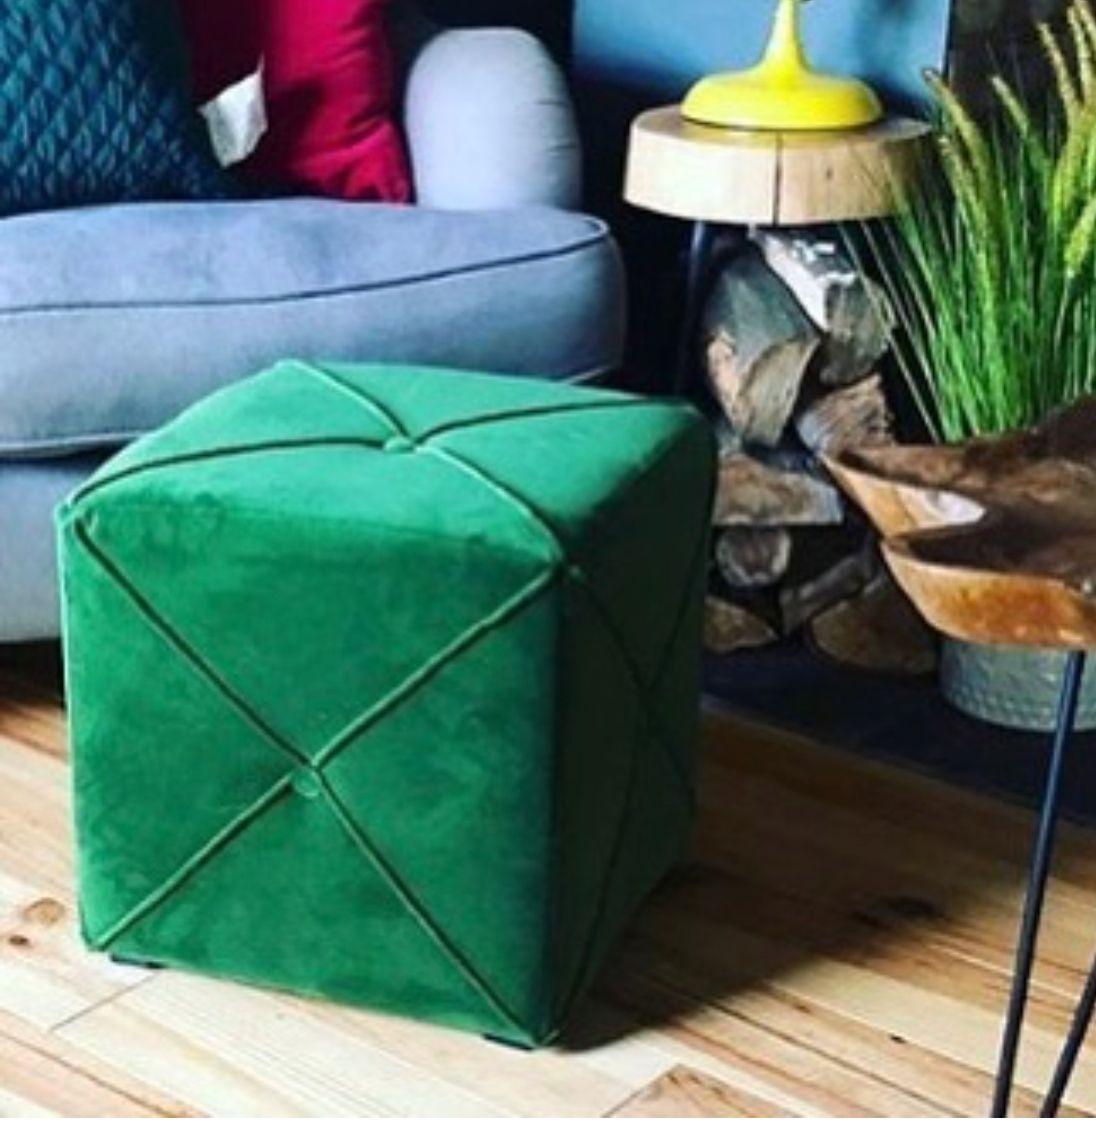 Green Velvet Pouf From Homesense Furniture Homesense